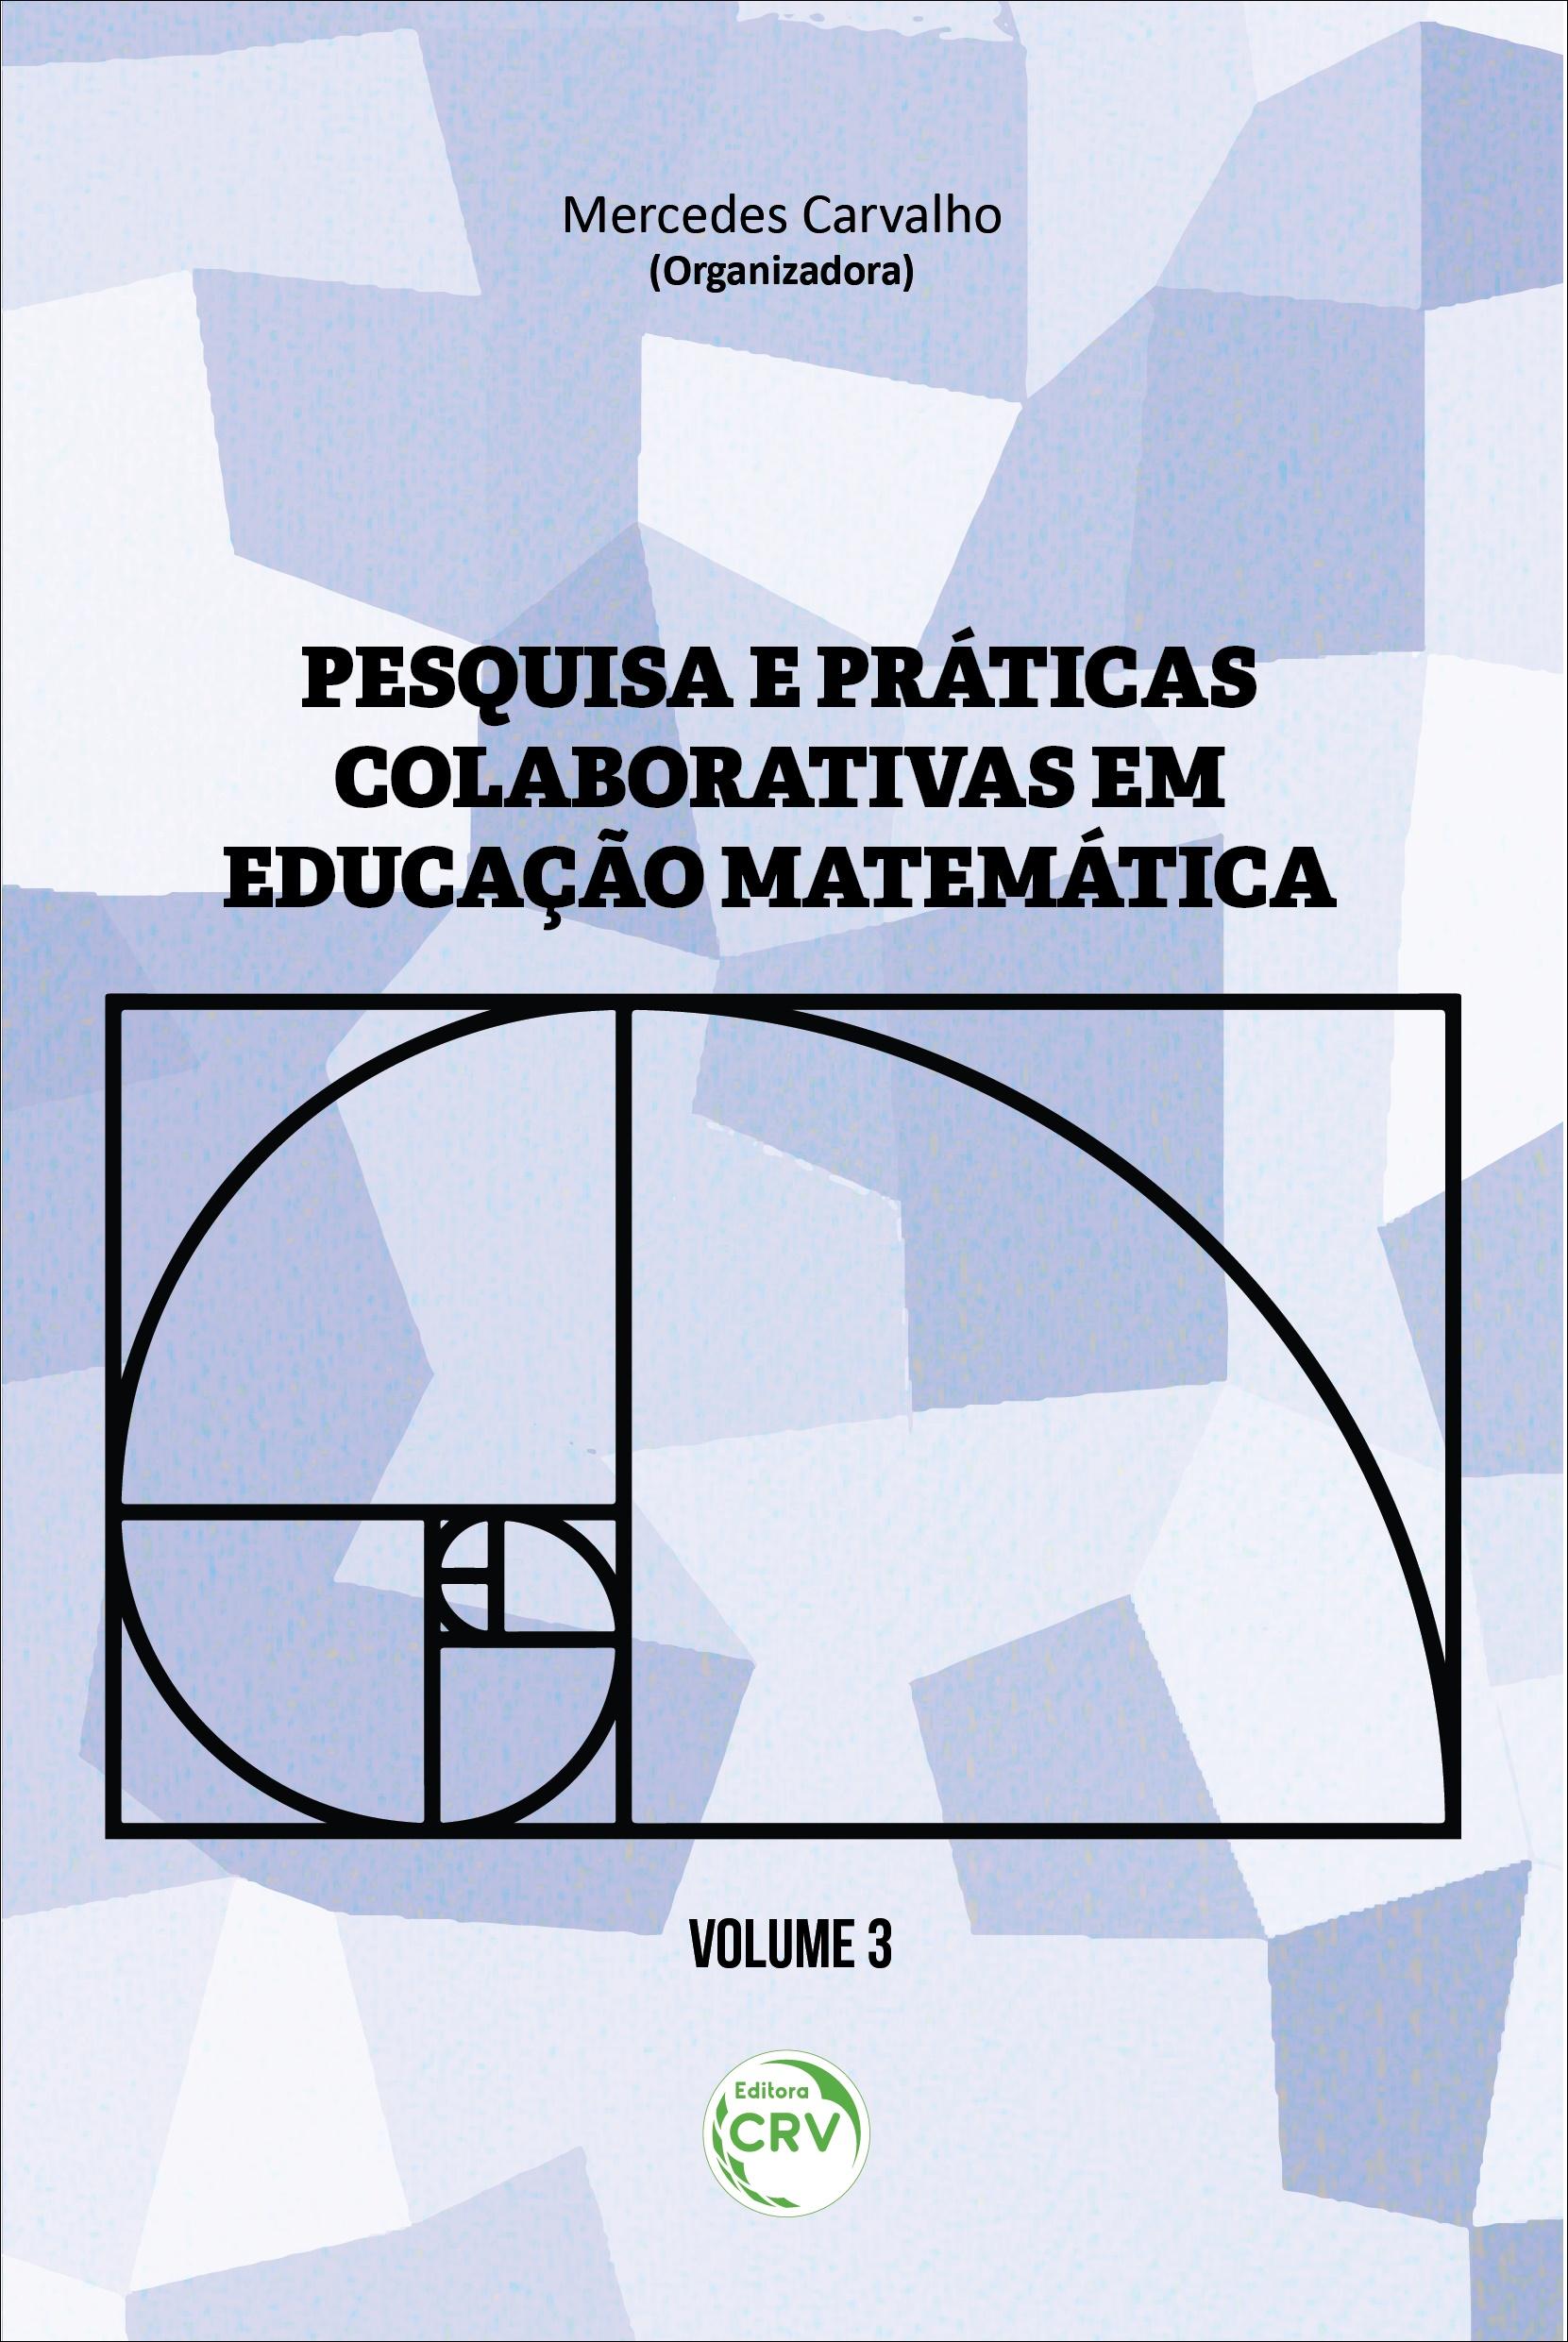 Capa do livro: PESQUISA E PRÁTICAS COLABORATIVAS EM EDUCAÇÃO MATEMÁTICA<br> VOLUME III